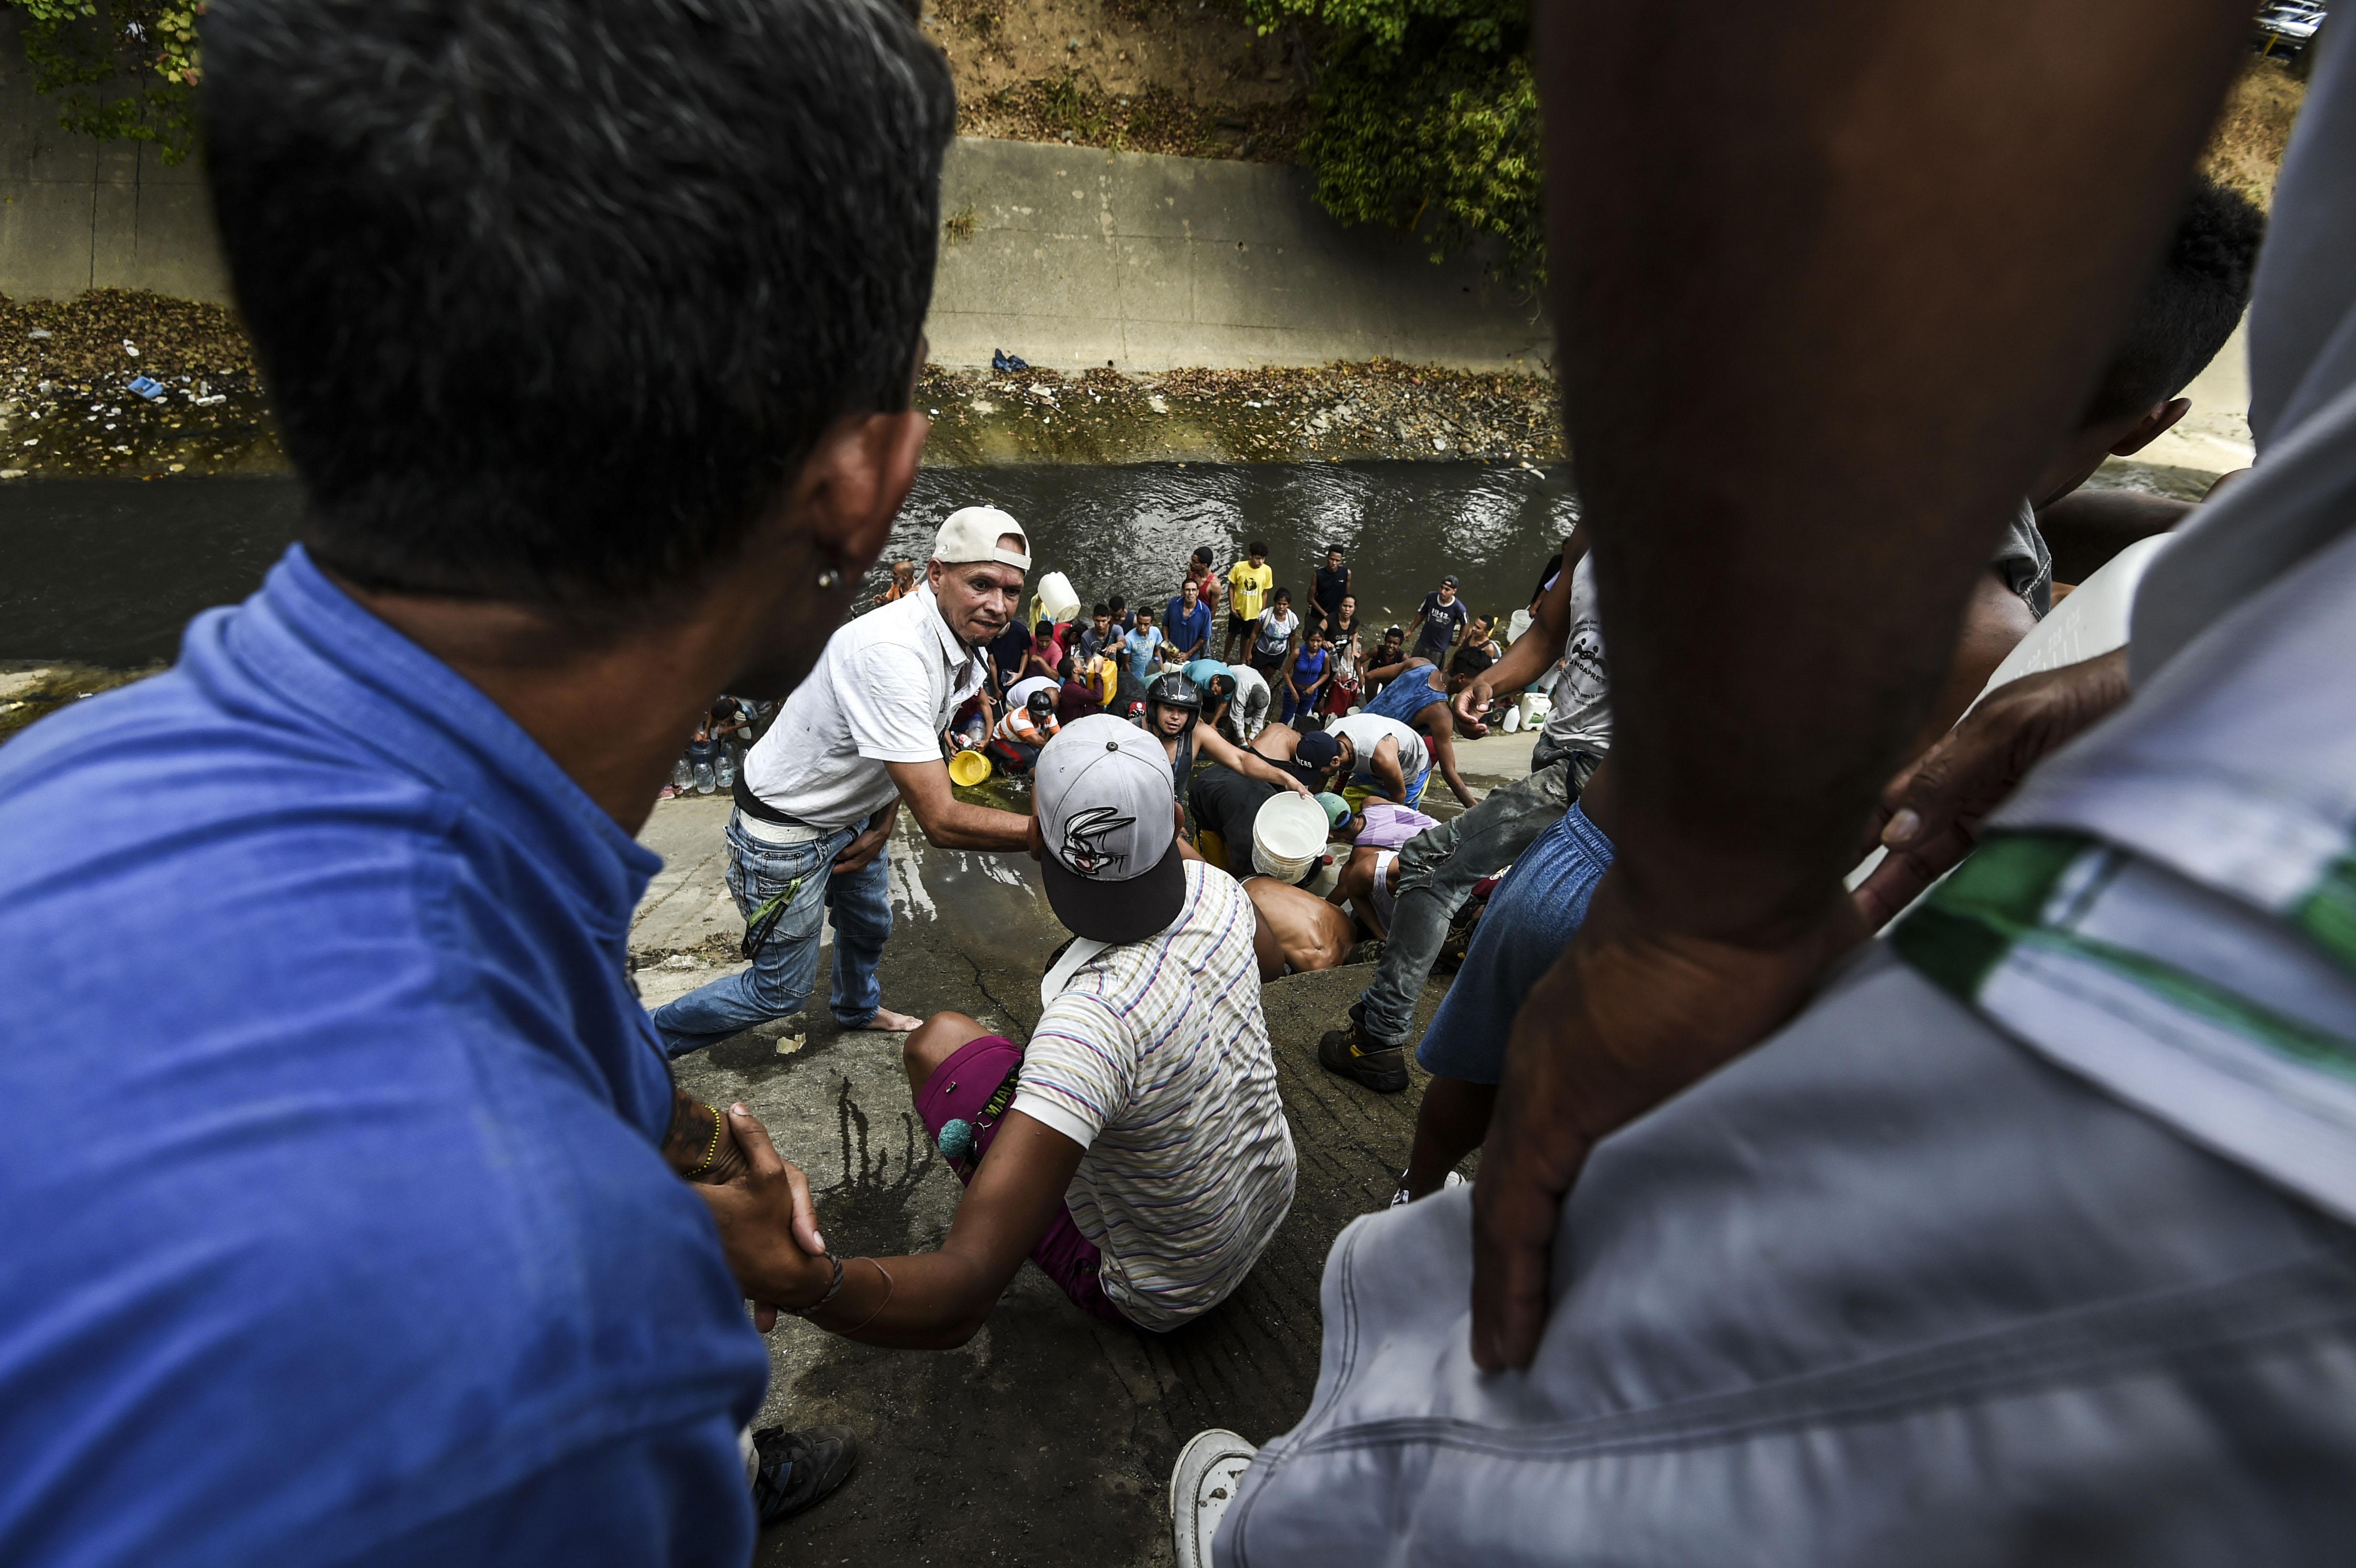 El Guaire, que atraviesa Caracas de oeste a este, es un afluente que recibe los desechos líquidos de casi toda la ciudad y su alto nivel de contaminación es conocido por todo el país